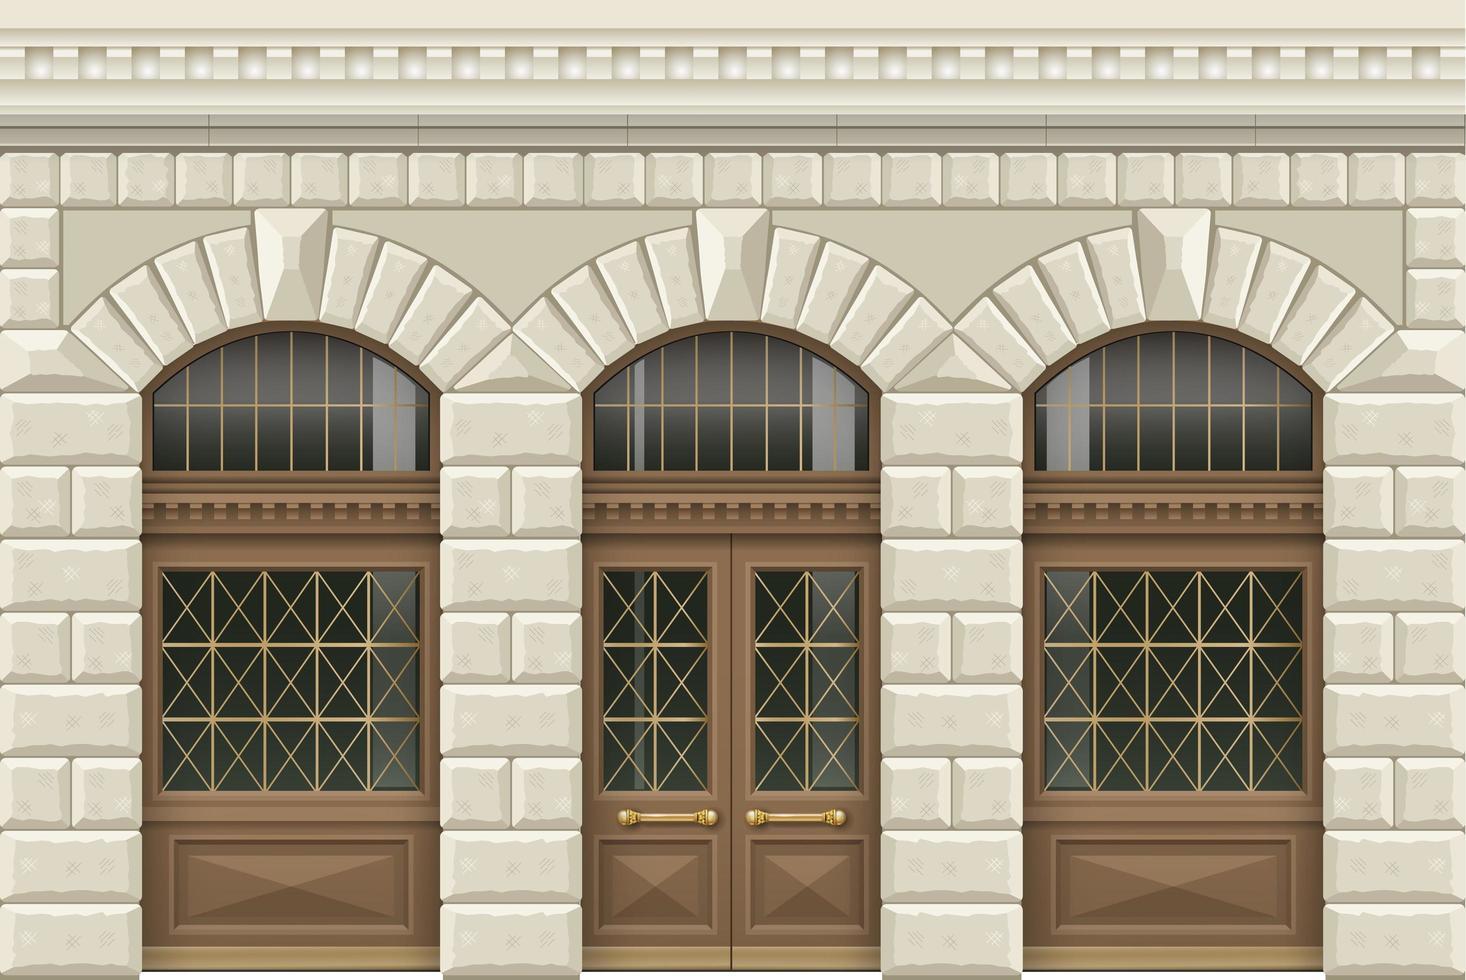 fachada clássica em estilo retro vetor